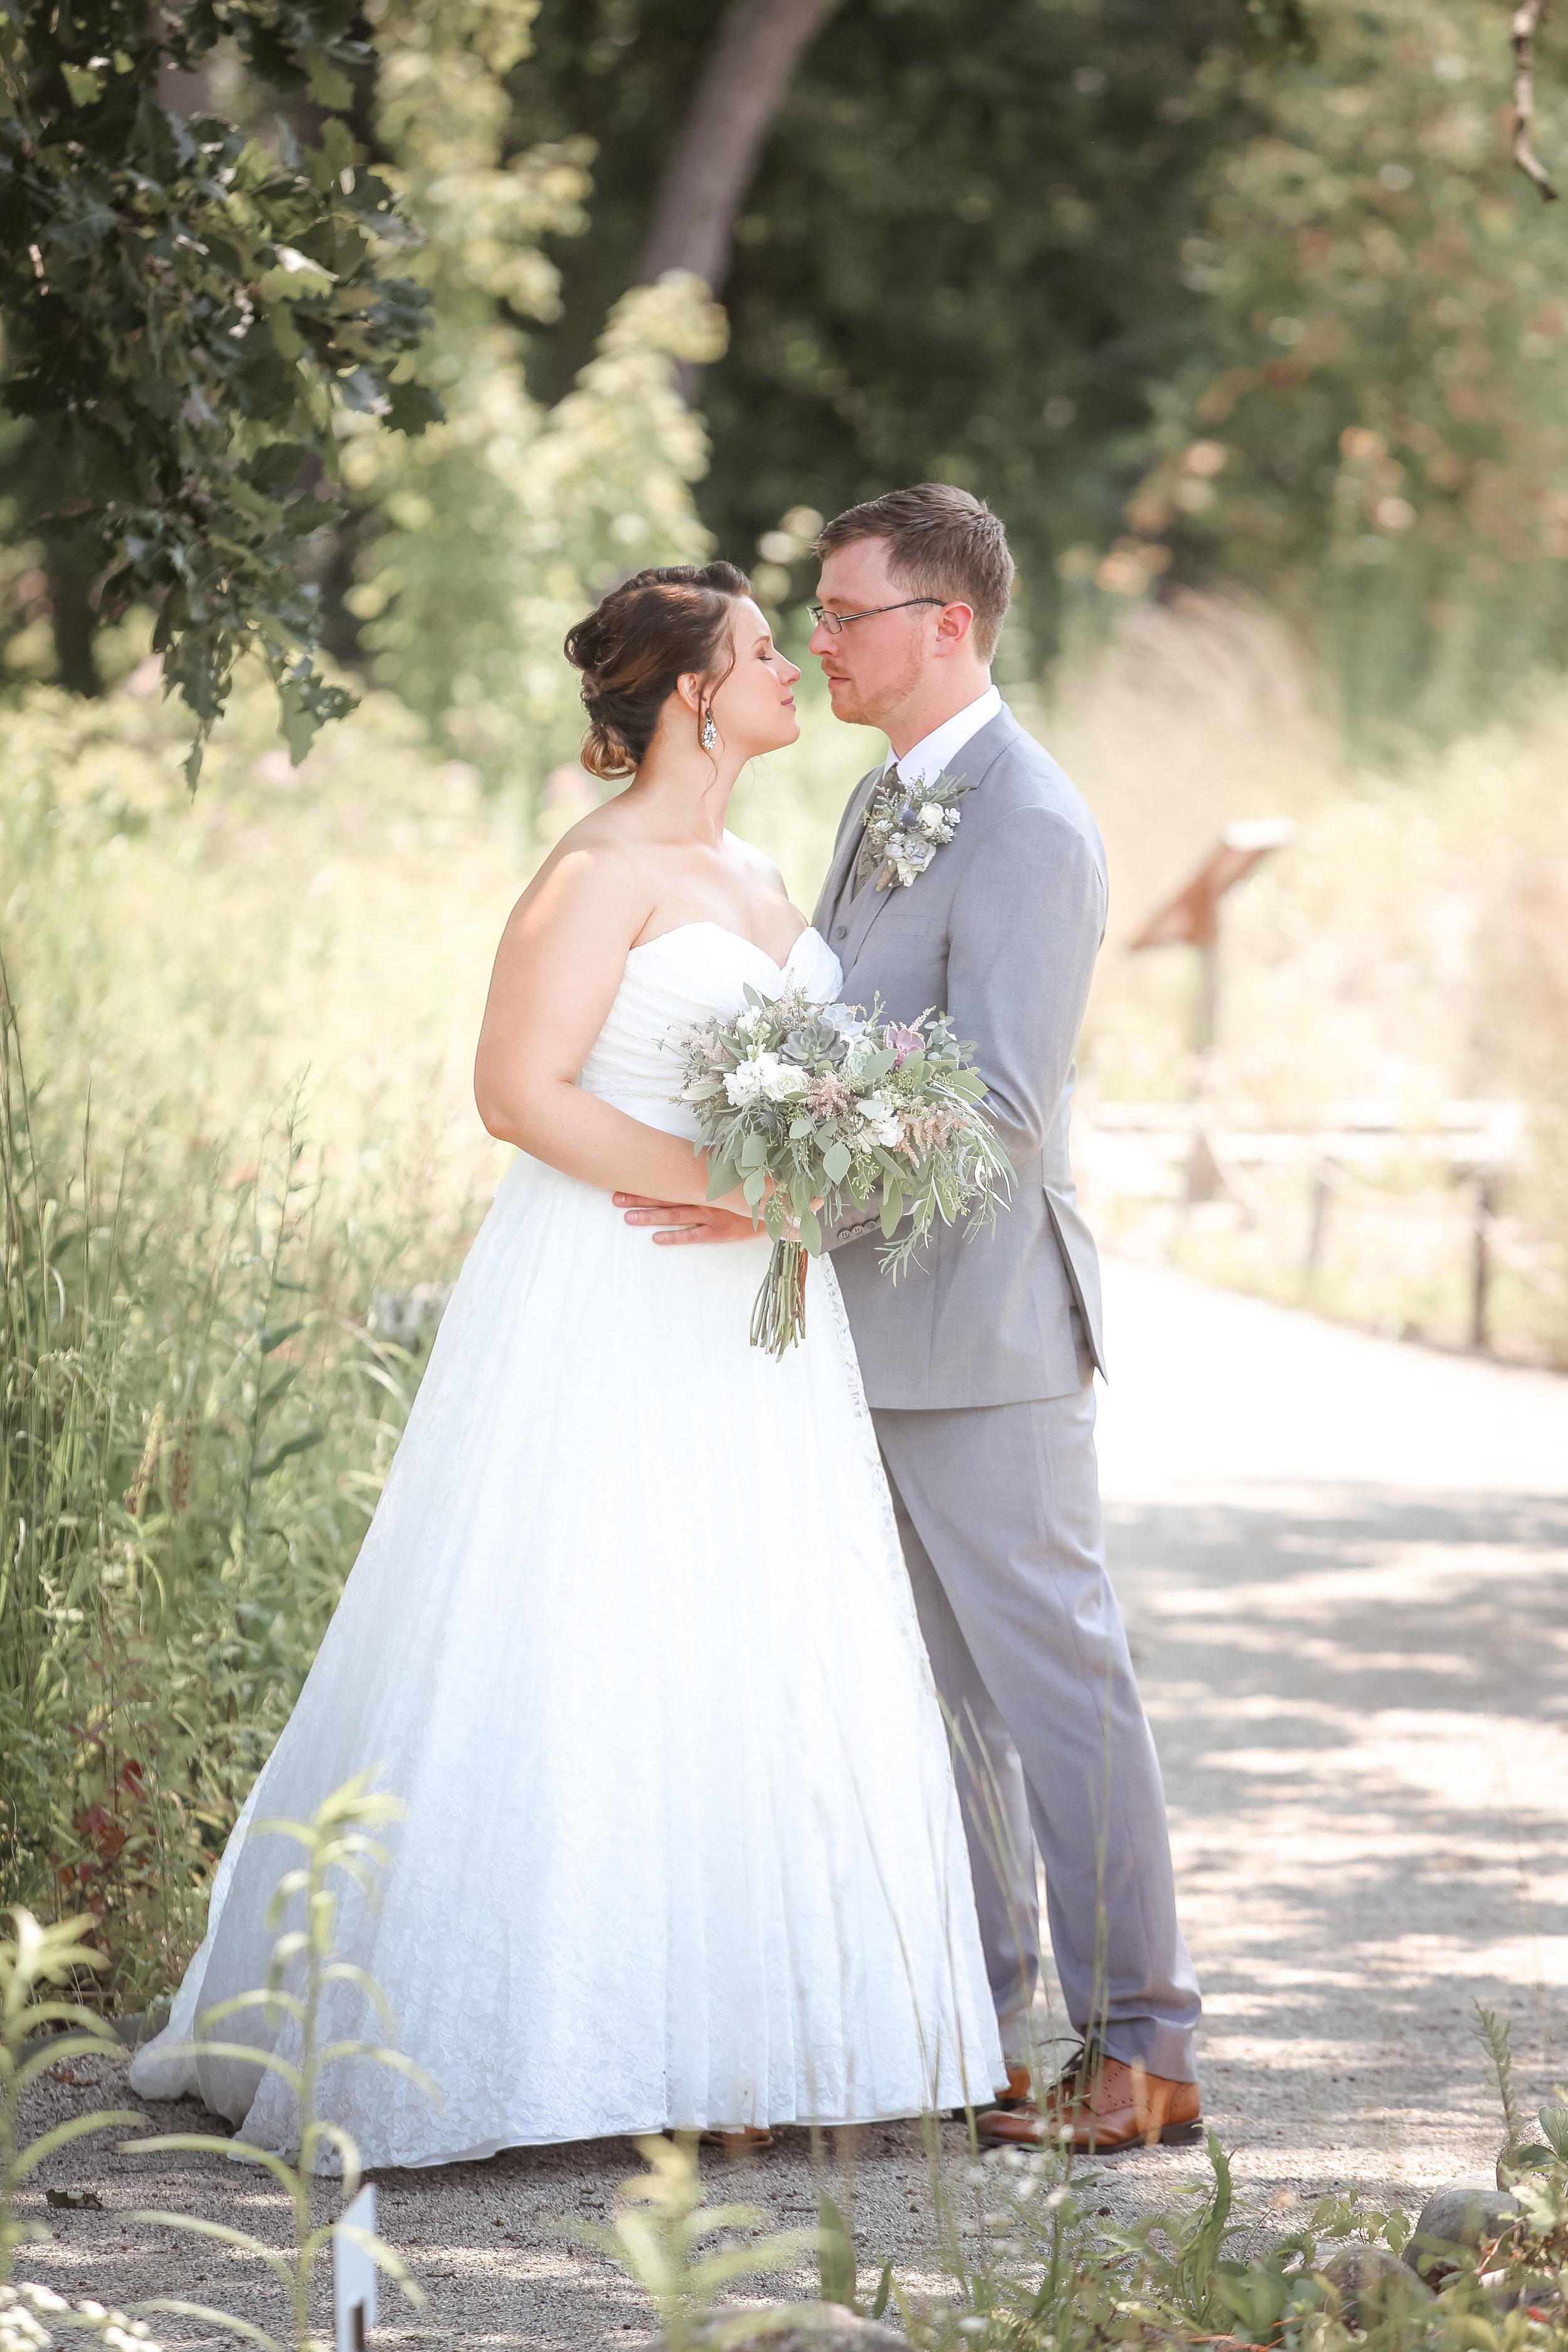 C_Wedding_Sarver, Alyssa & Scott_FOR BLOG-39.JPG